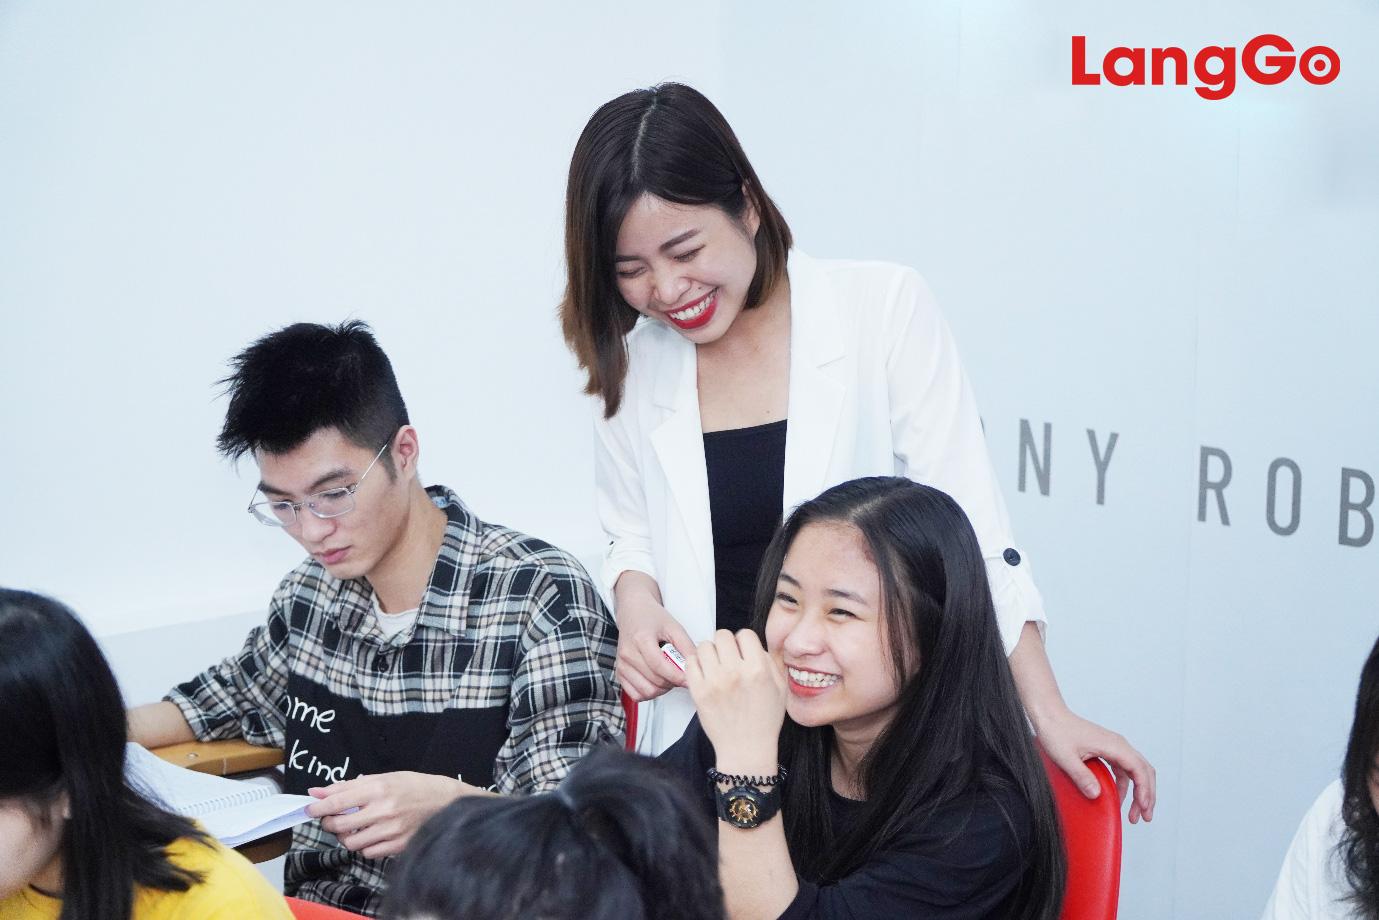 Lồng ghép 2 trong 1 tại luyện thi IELTS LangGo: Phương pháp mới đào tạo ngoại ngữ hiệu quả - Ảnh 1.